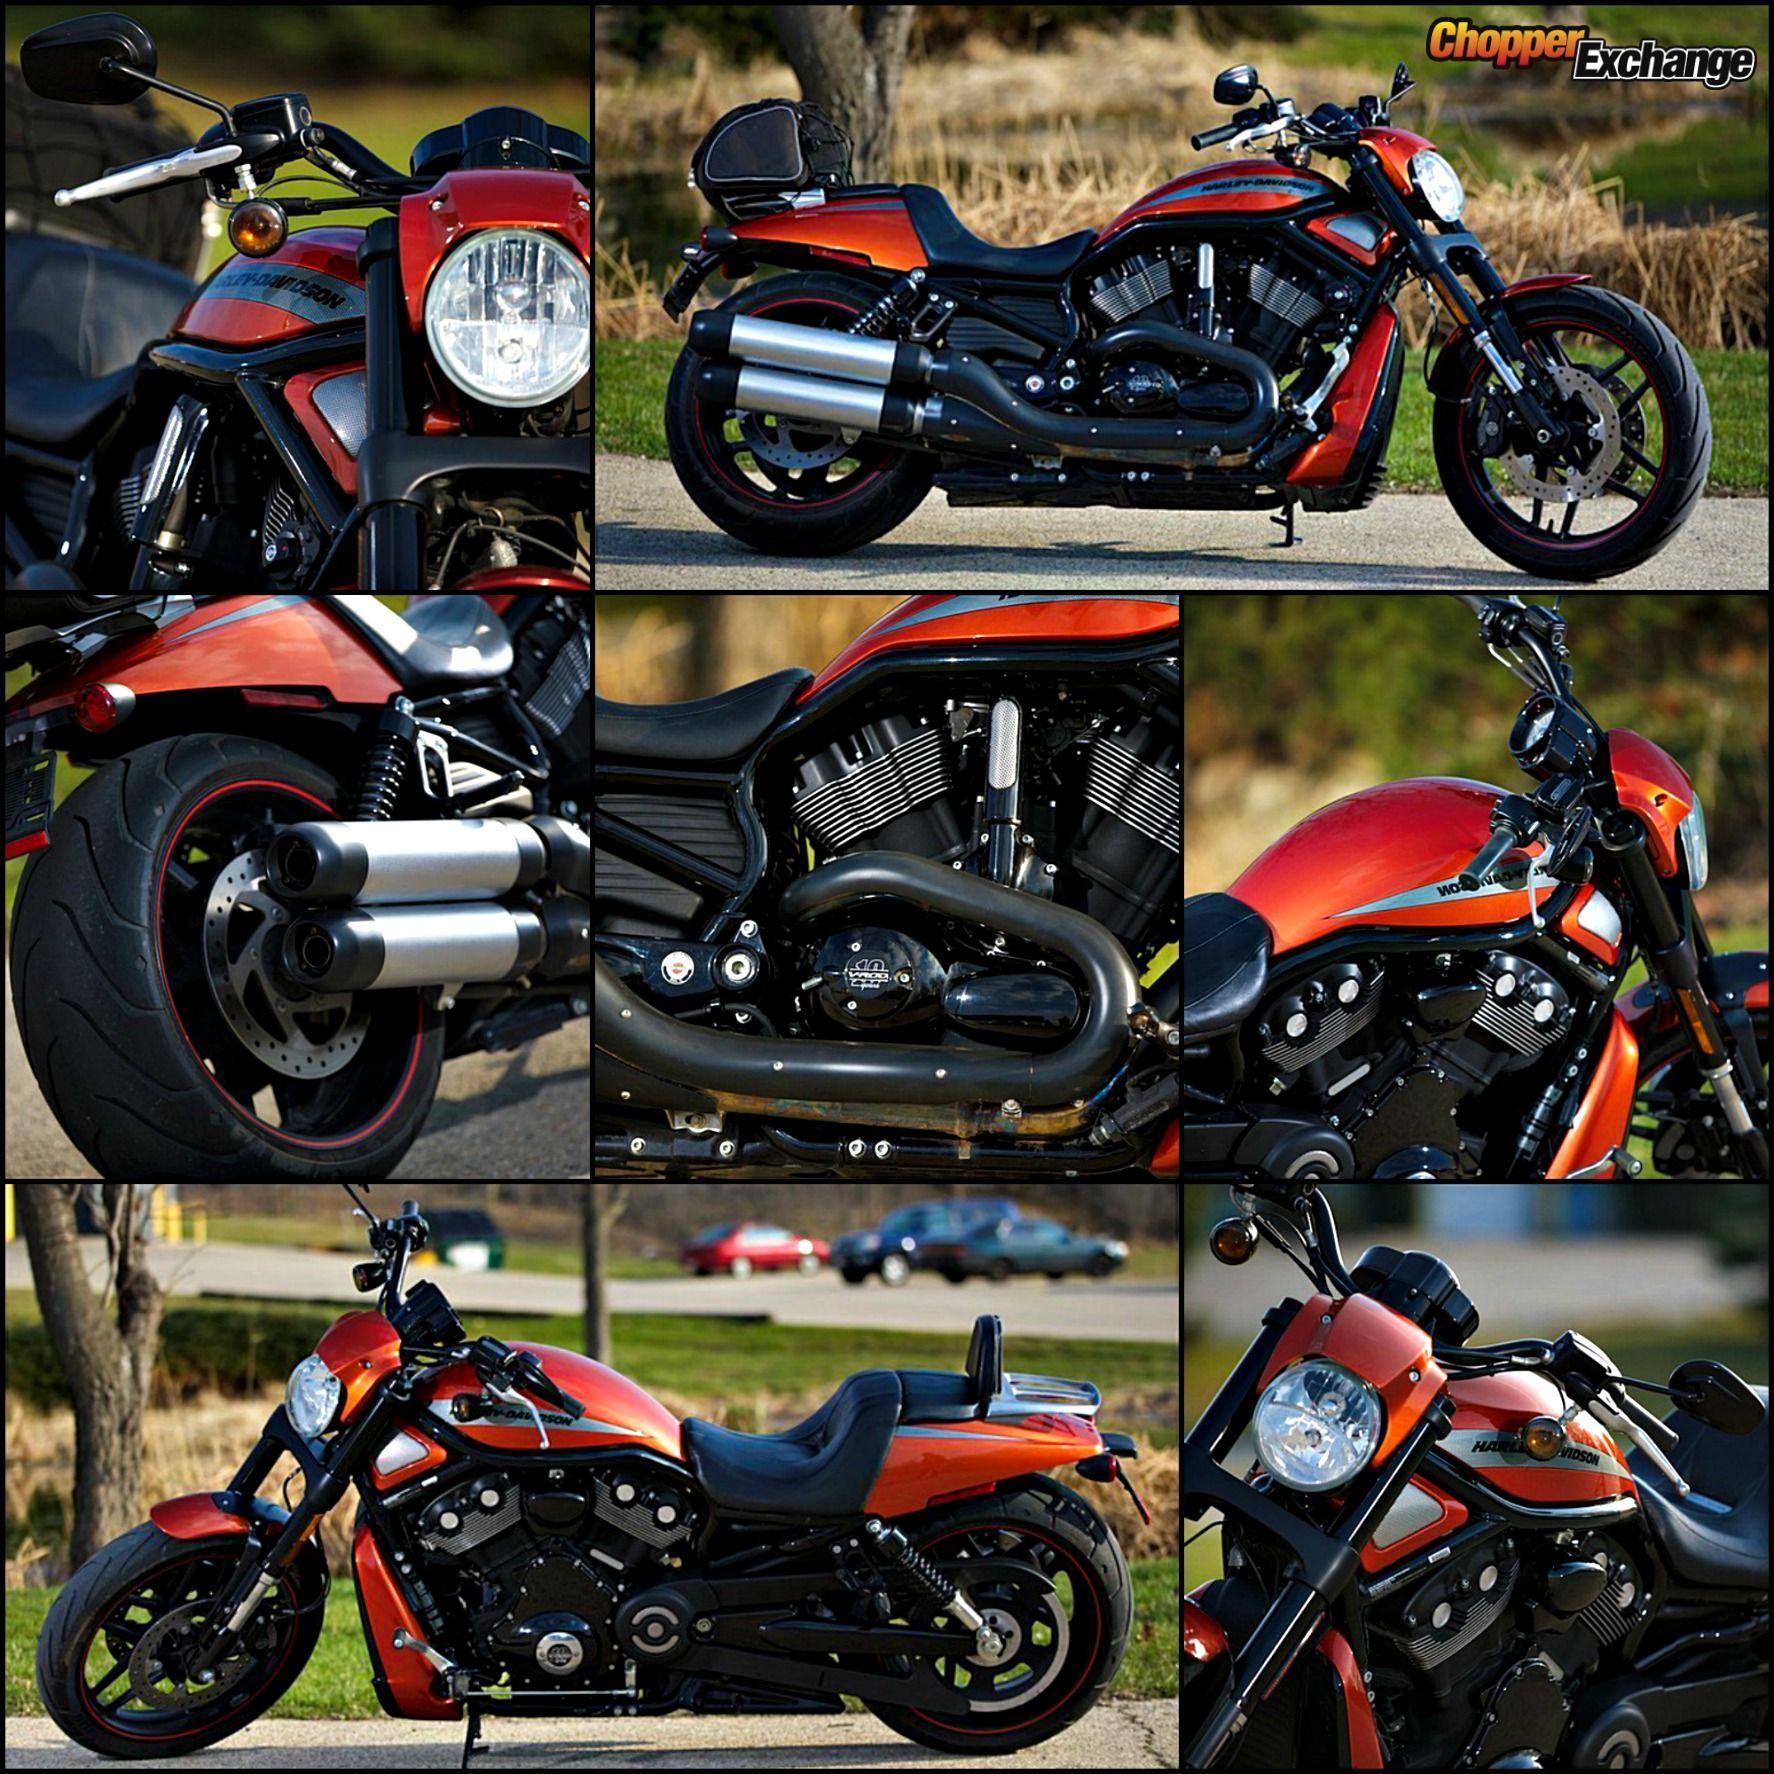 FOR SALE 2012 HarleyDavidson VRod Night Rod Special